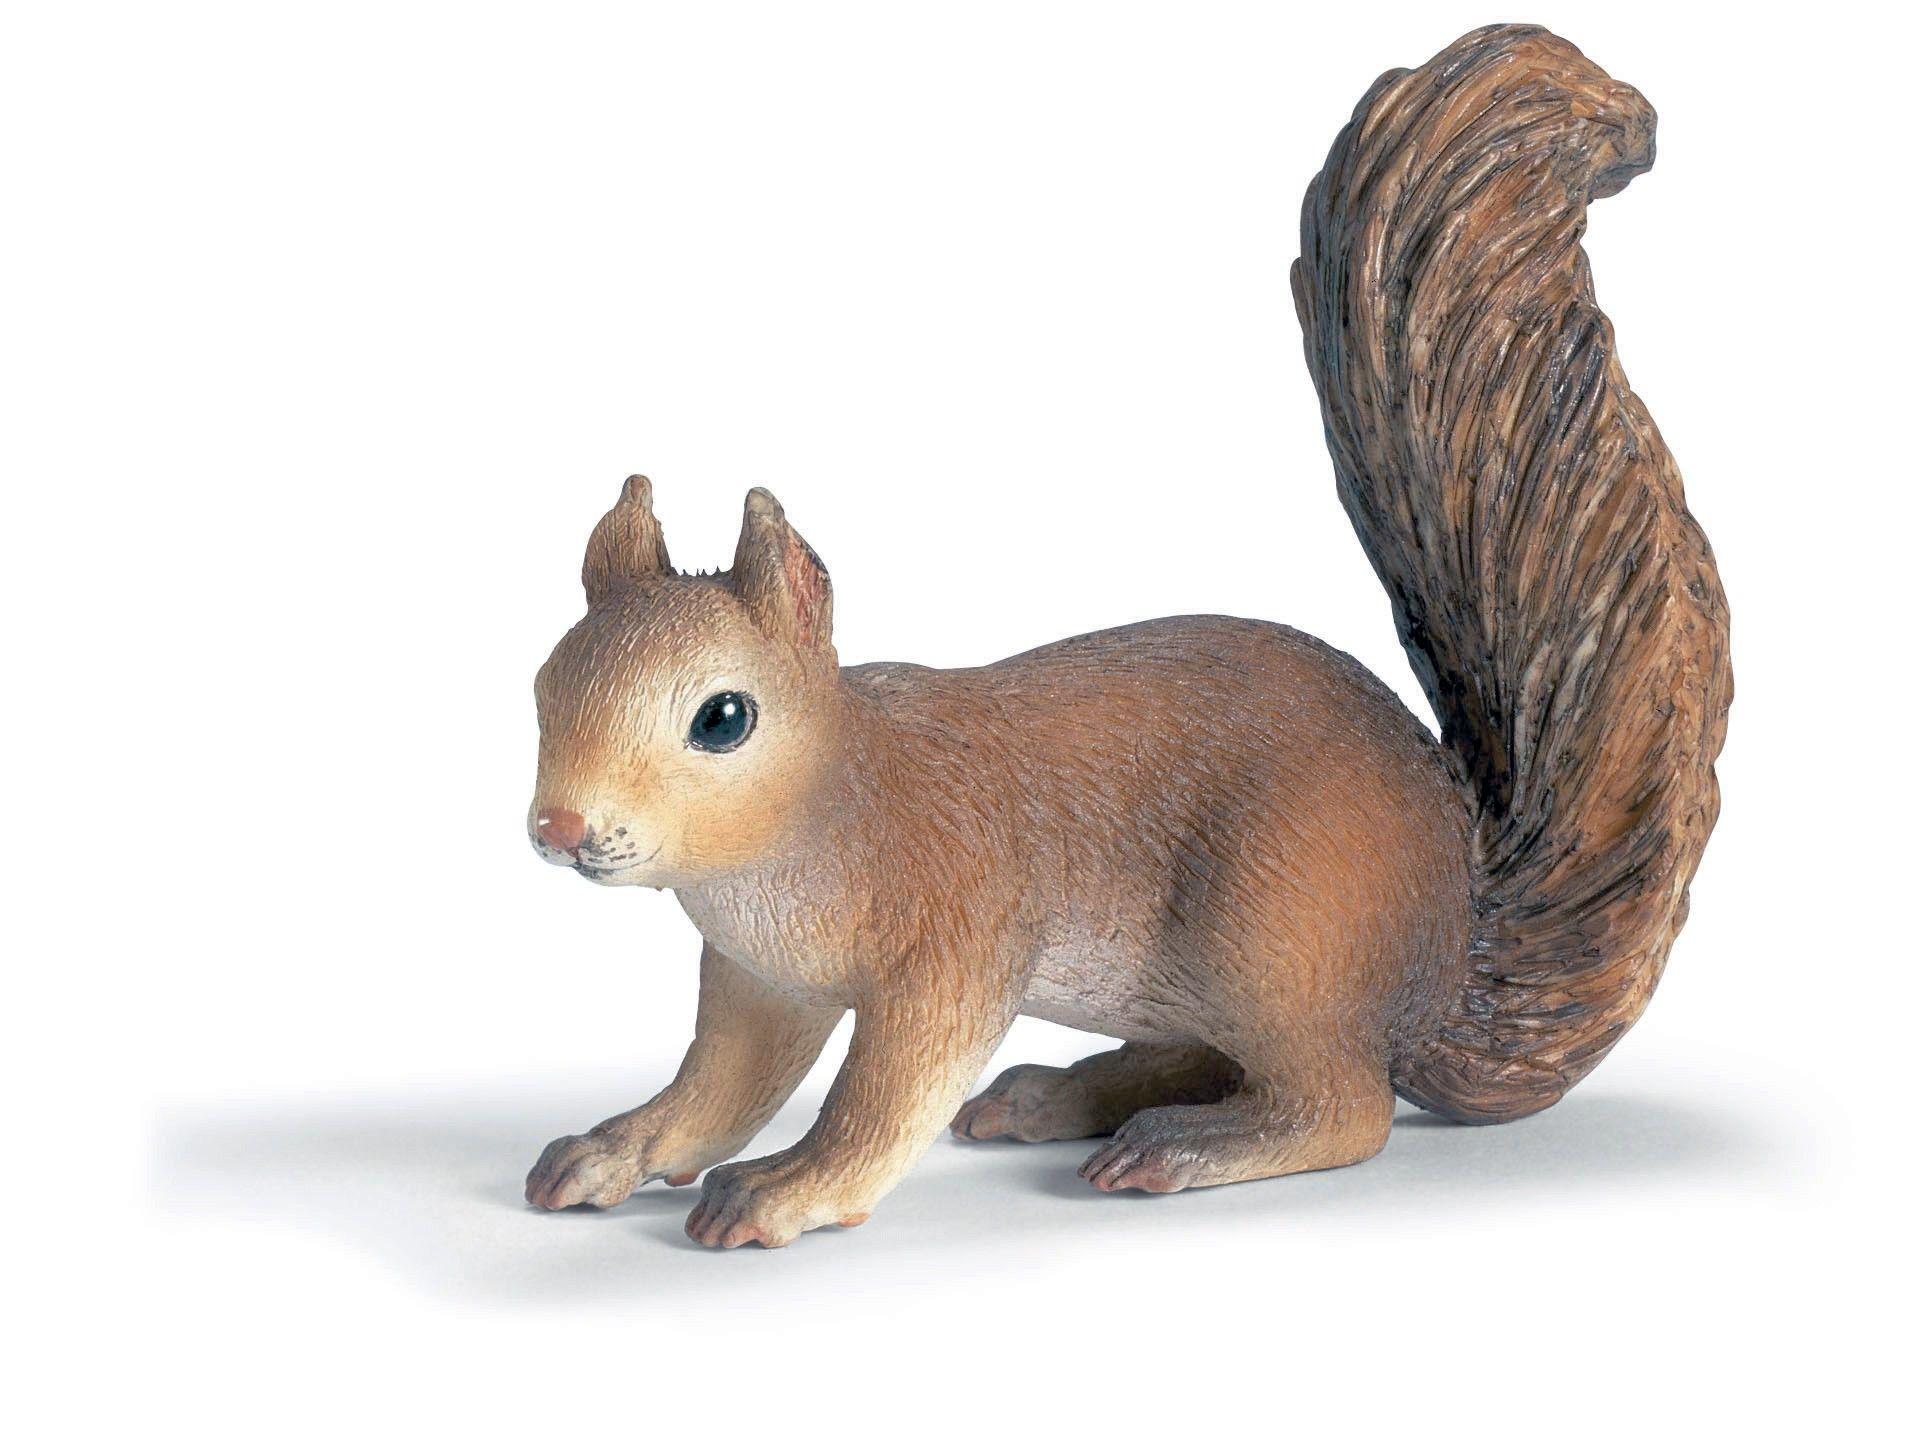 Schleich Squirrel Figurine 2.99 Rural King Animals